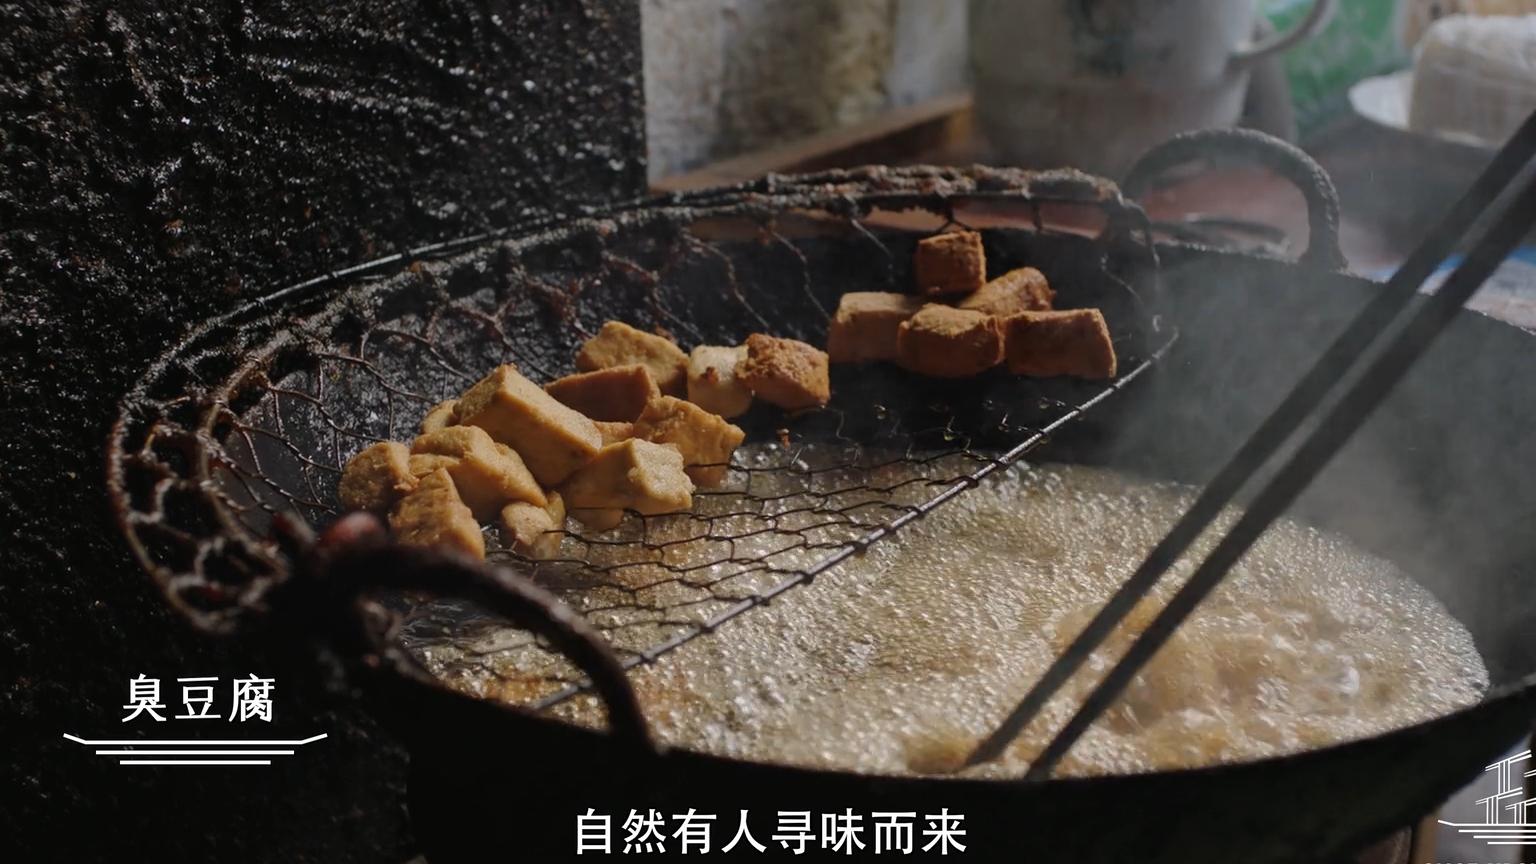 浙江绍兴:原来臭豆腐是这么制作出来的。难怪风味独特!